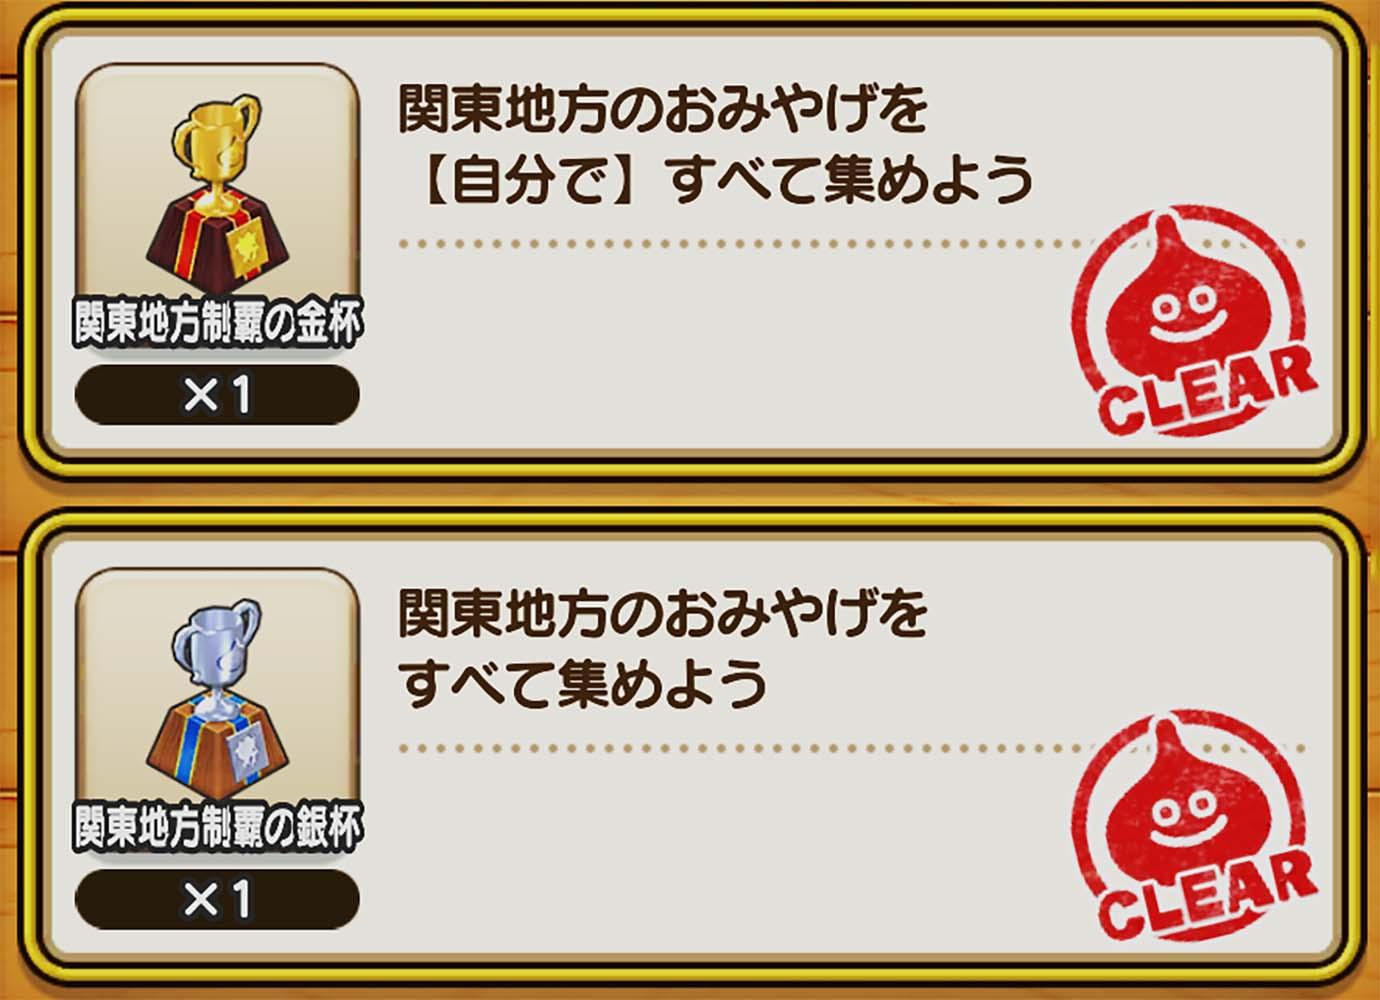 dqw-dragon-quest-walk-omiyage